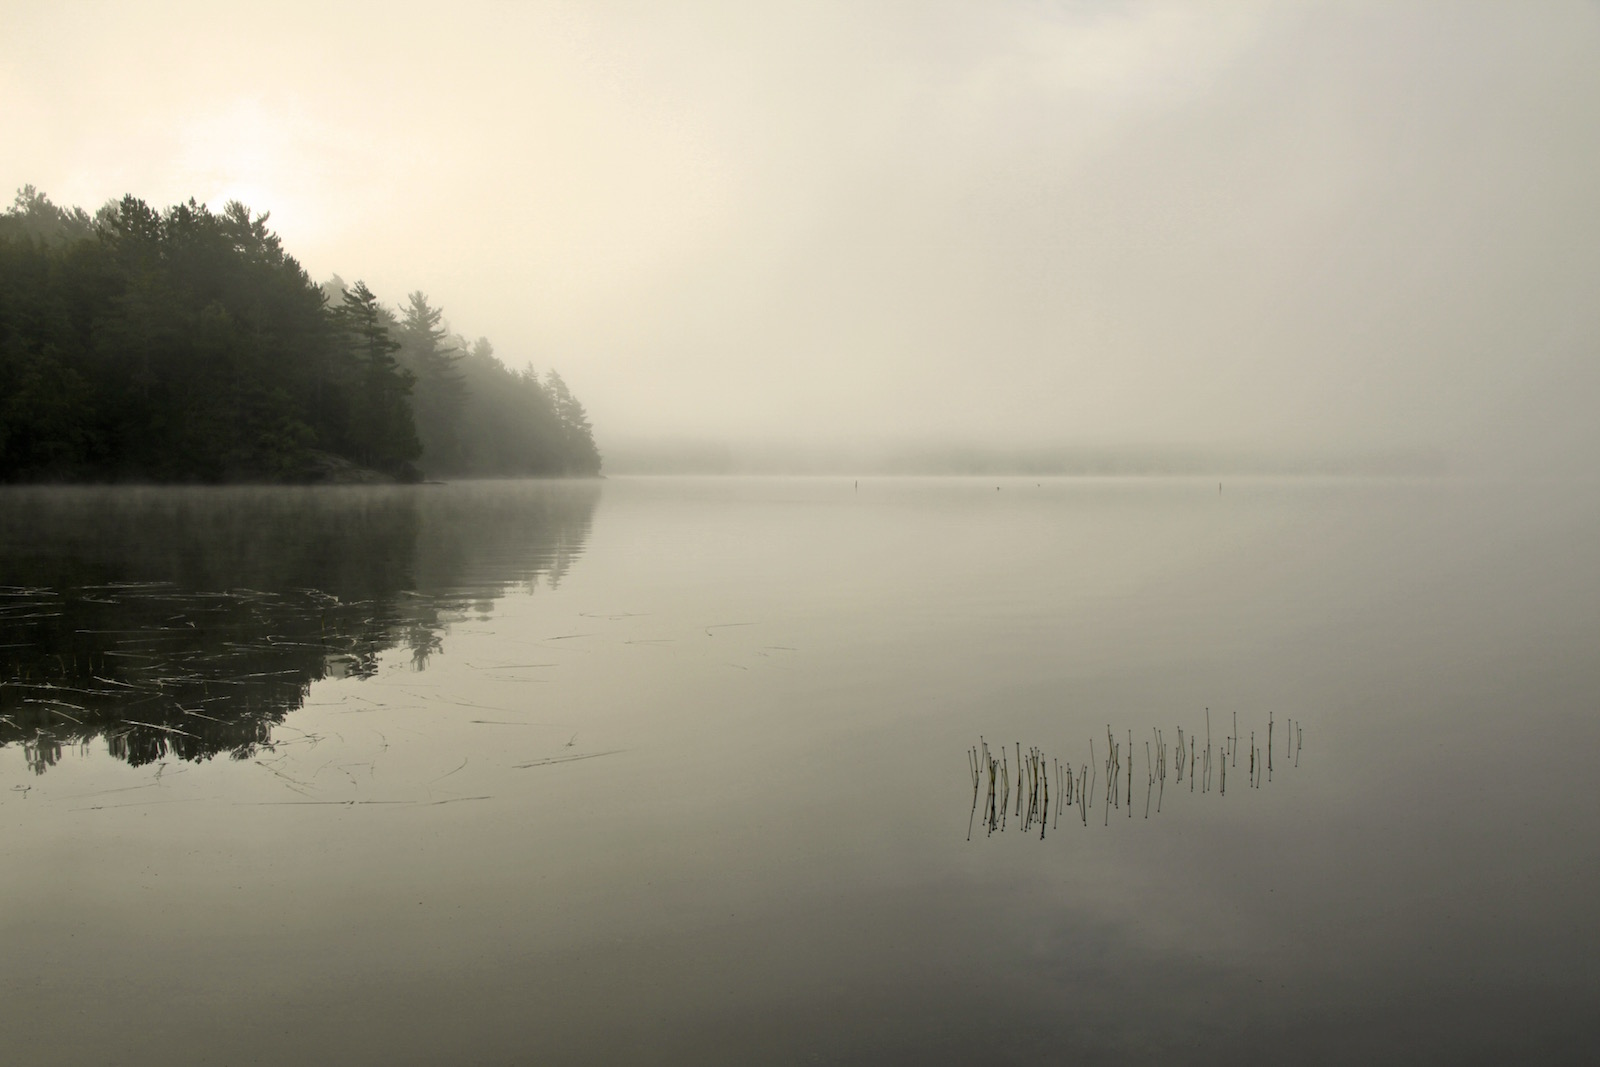 Lake Reflection by Travis Percival